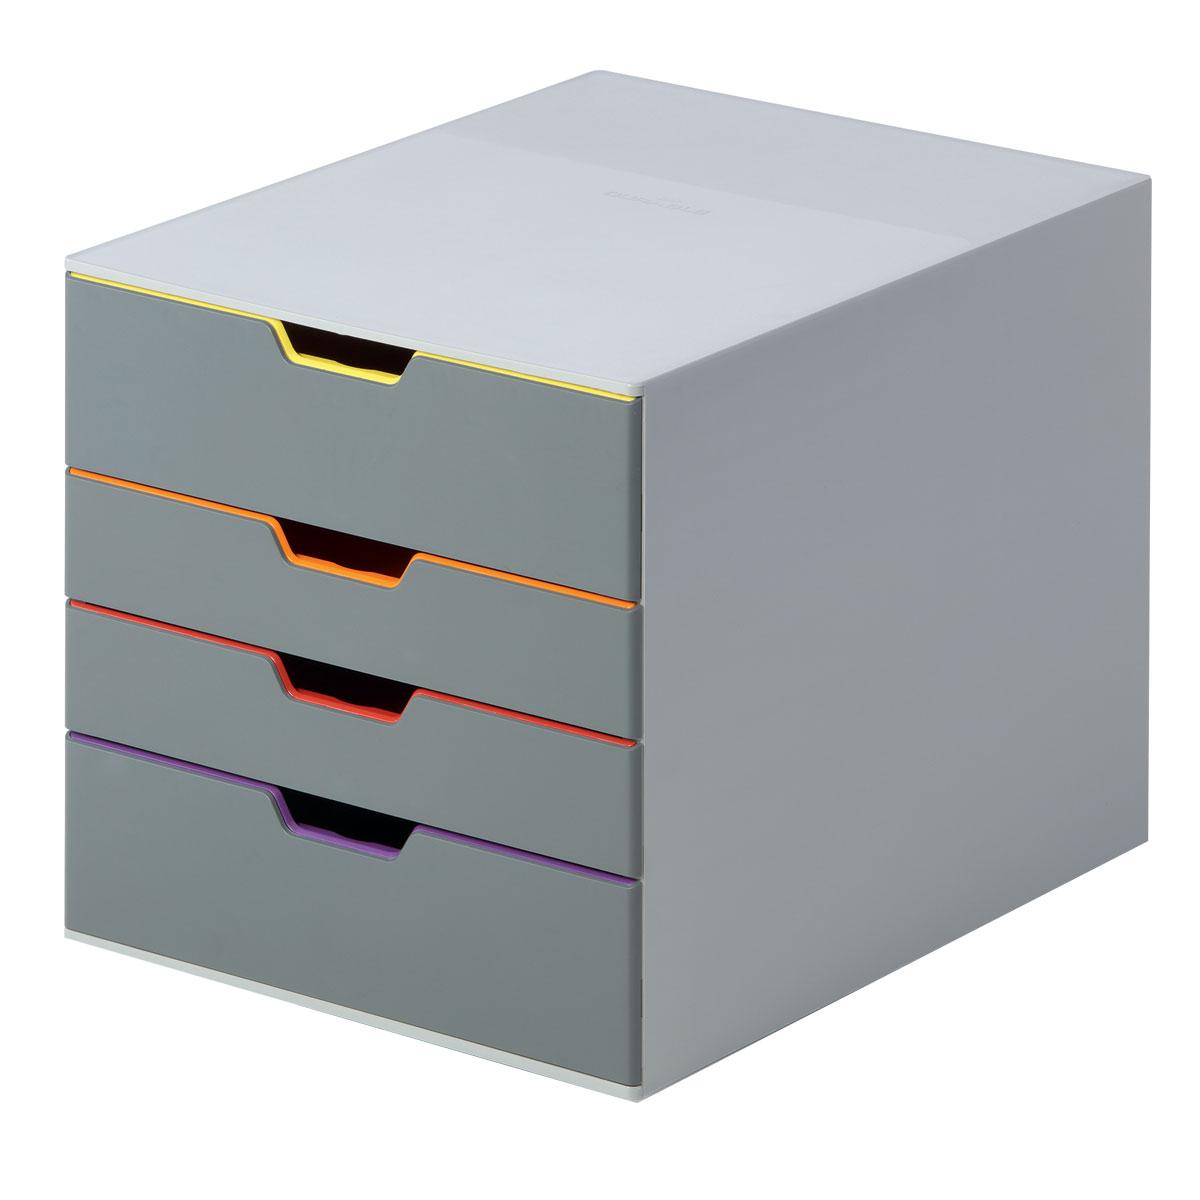 Короб для документов Durable Varicolor. 7604-277604-27Стильный короб для документов с 4 выдвижными цветными ящичками Durable Varicolor выполнен из высококачественного пластика. Боксы можно устанавливать друг на друга, фиксируются при помощи резиновых ножек. Широкие лотки для удобного хранения большого количества документов.Выдвижные ящички выполнены в разных цветах, что позволяет группировать документы по тематикам и быстро их находить. Подходят для форматов А4, С4, Folio.Бокс оснащен стопорами, которые не позволяют выпасть лоткам при резком открывании, а также съемными табуляторами для маркировки. Не скользит даже на самых гладких поверхностях благодаря силиконовым ножкам.